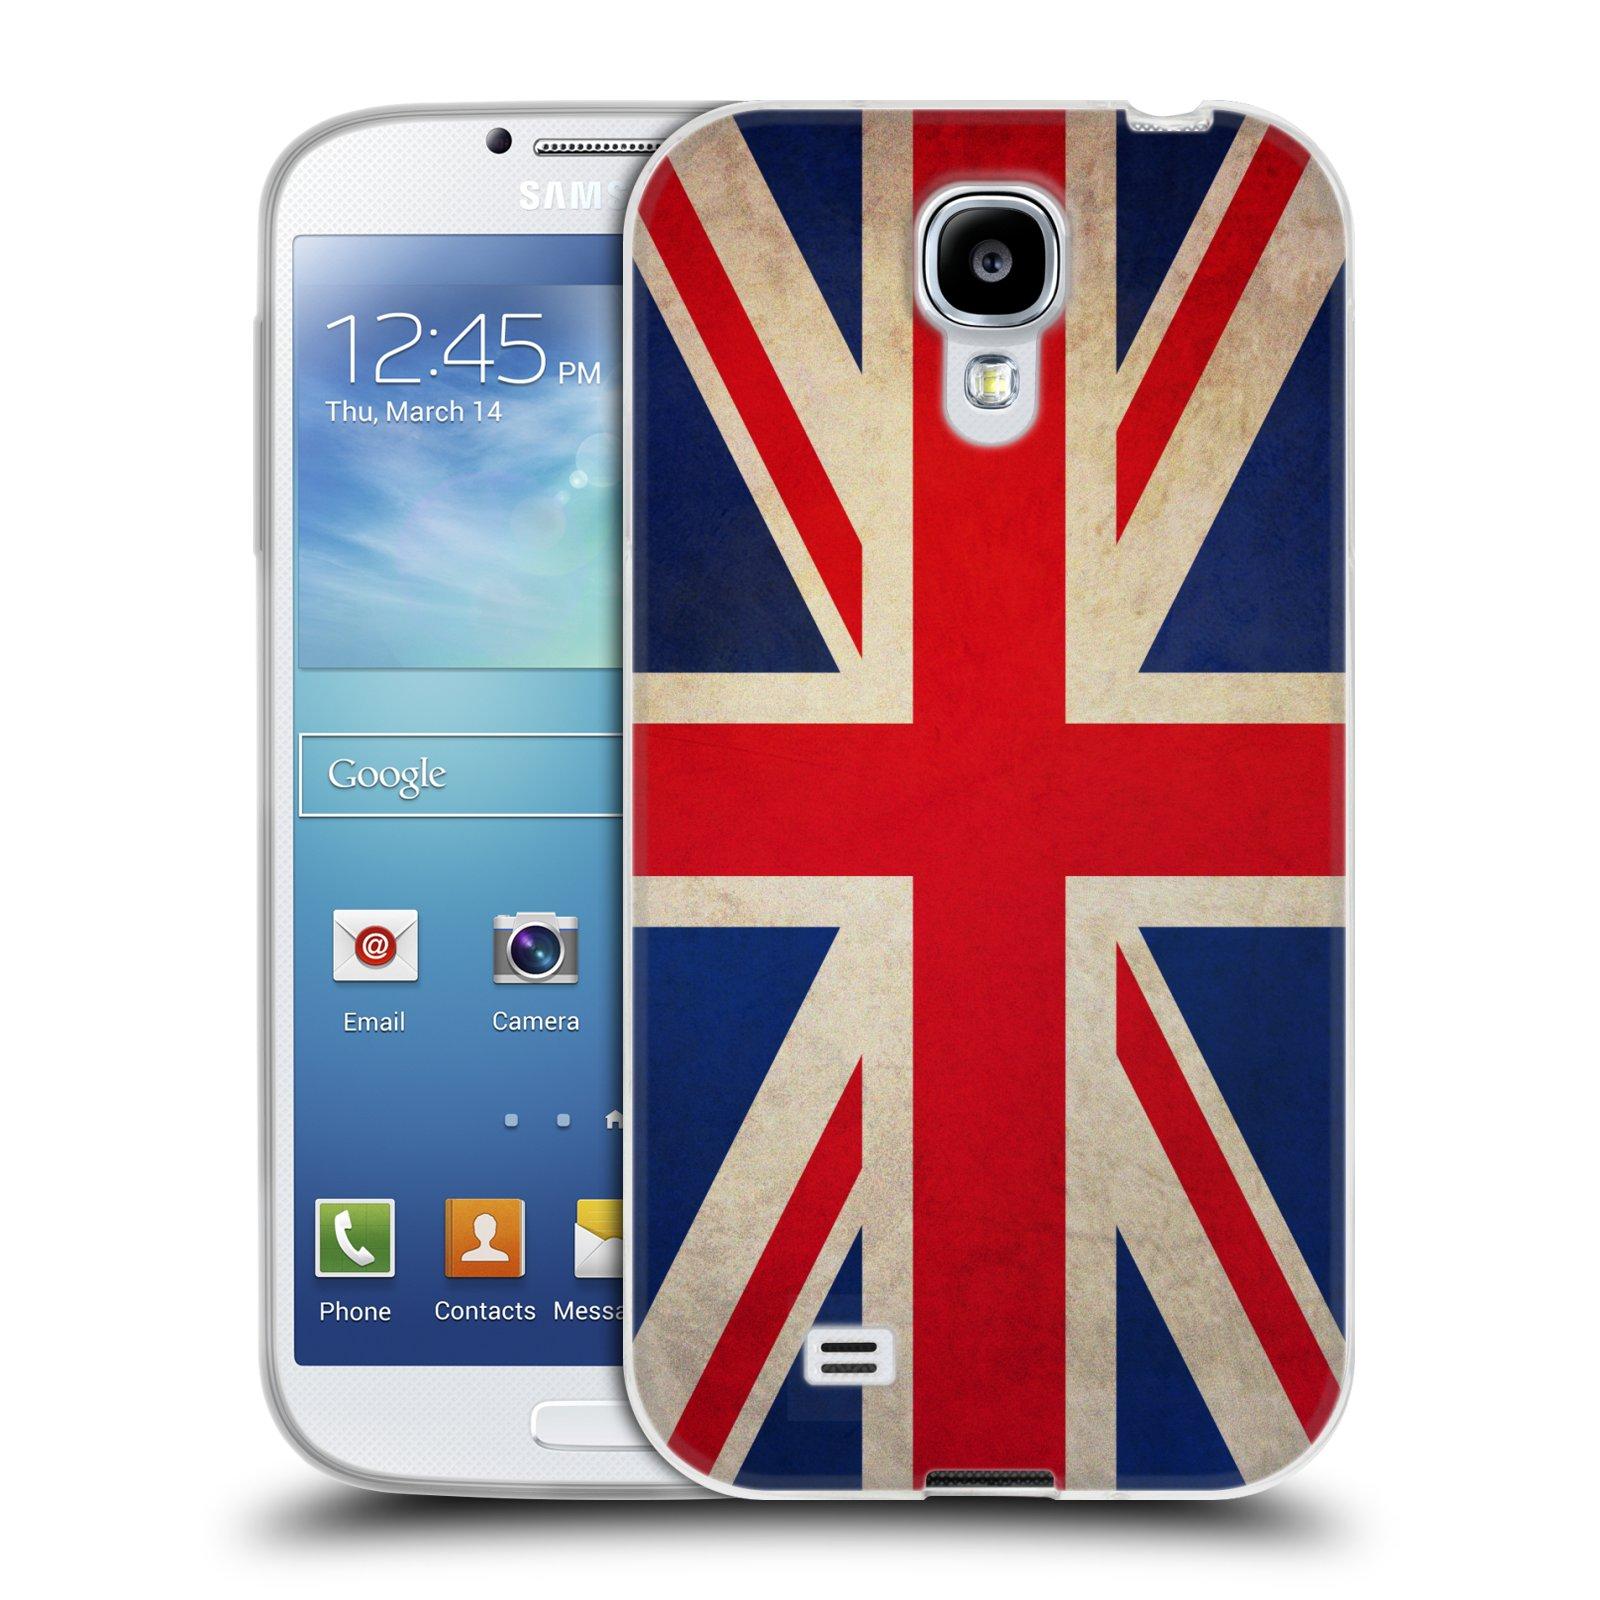 HEAD CASE silikonový obal na mobil Samsung Galaxy S4 i9500 vzor VINTAGE VLAJKY VELKÁ BRITÁNIE